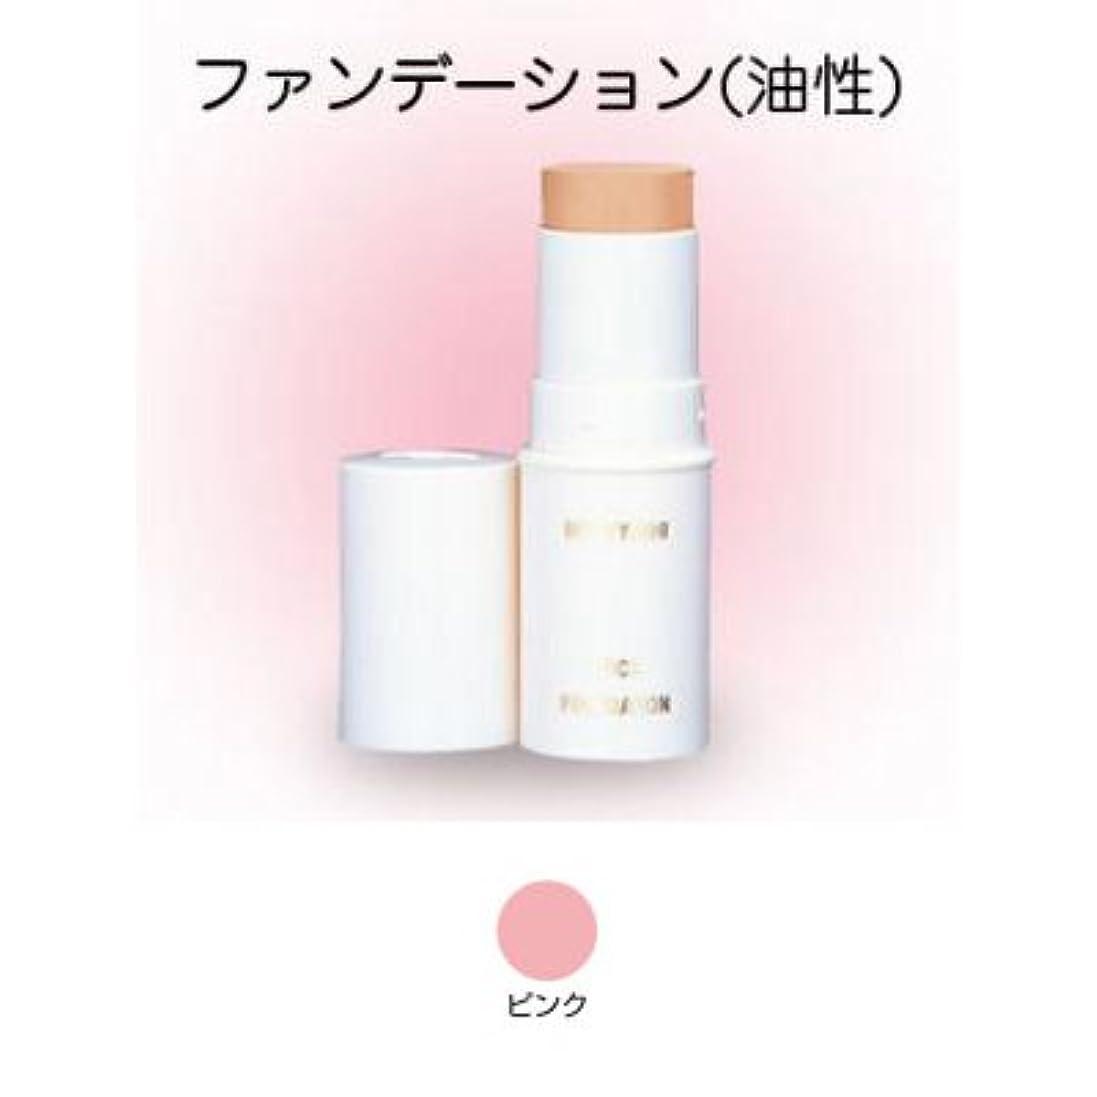 スティックファンデーション 16g ピンク 【三善】